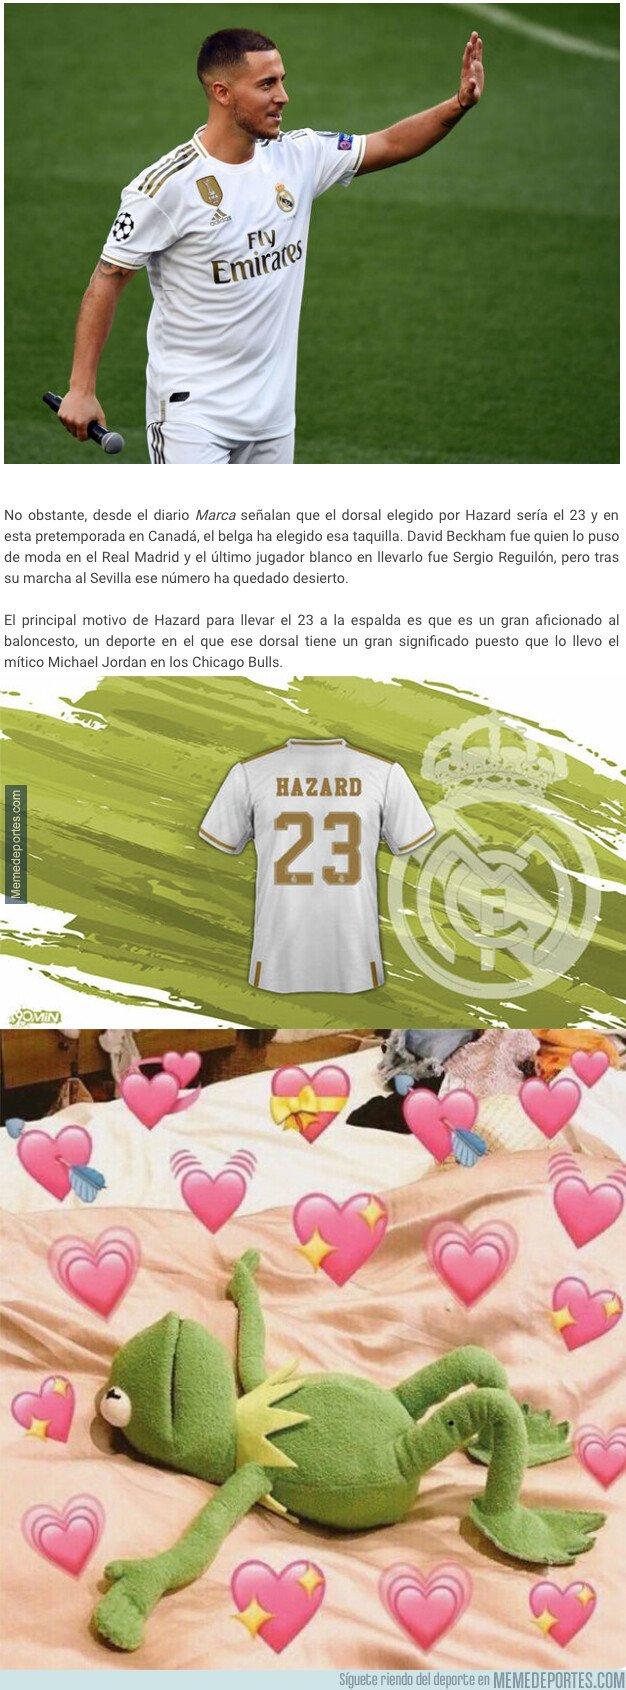 1081213 - Se filtra finalmente cual será el dorsal que usará Eden Hazard en el Real Madrid